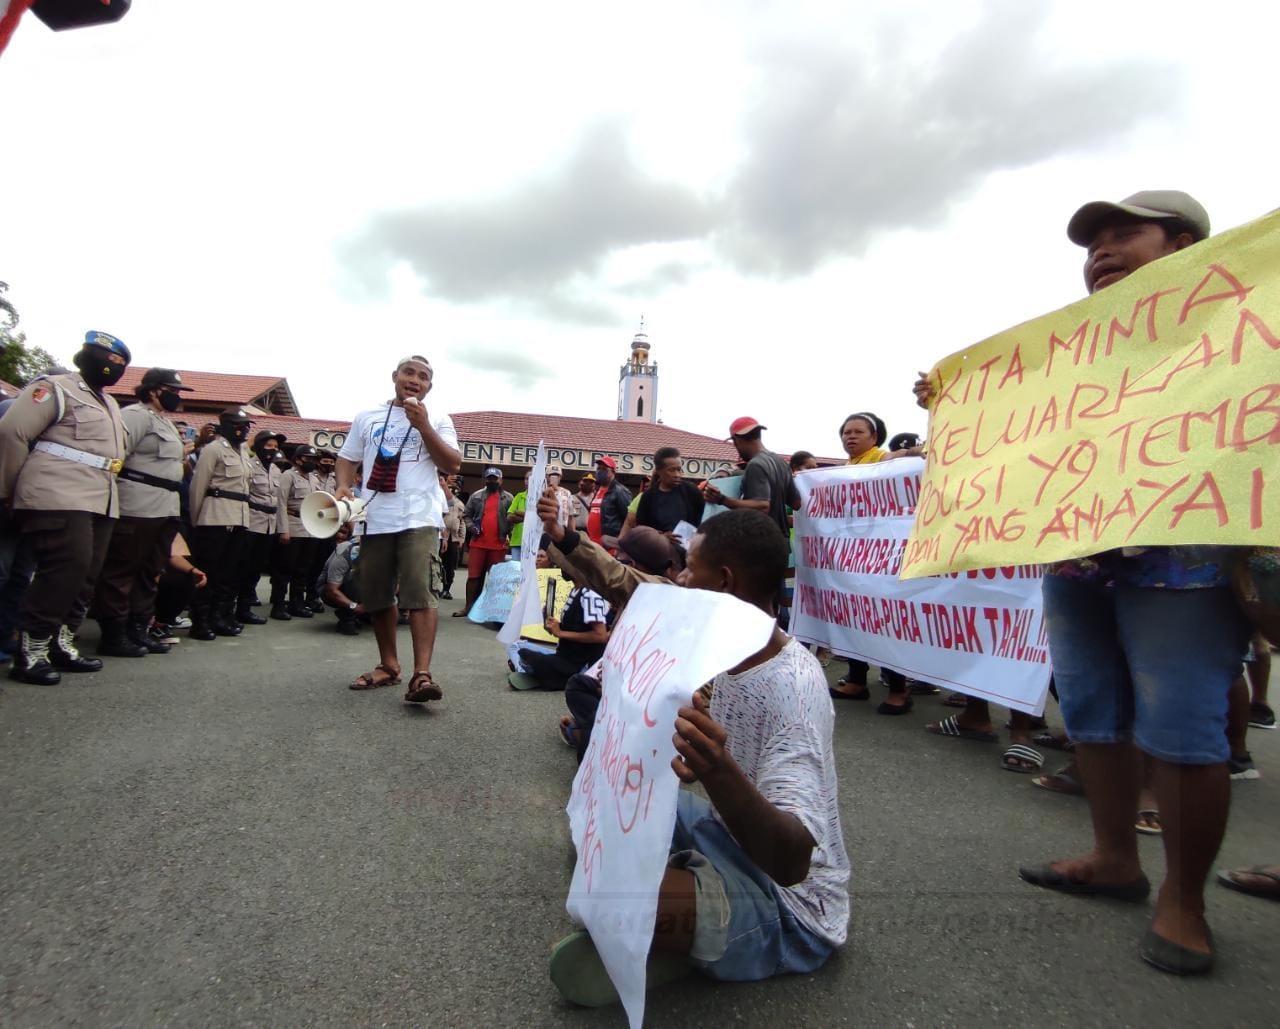 Belum Bisa Terima Kematian R, Keluarga Korban Bersama Warga Pulau Doom Gelar Aksi di Polres Sorong Kota 2 IMG 20200831 WA0020